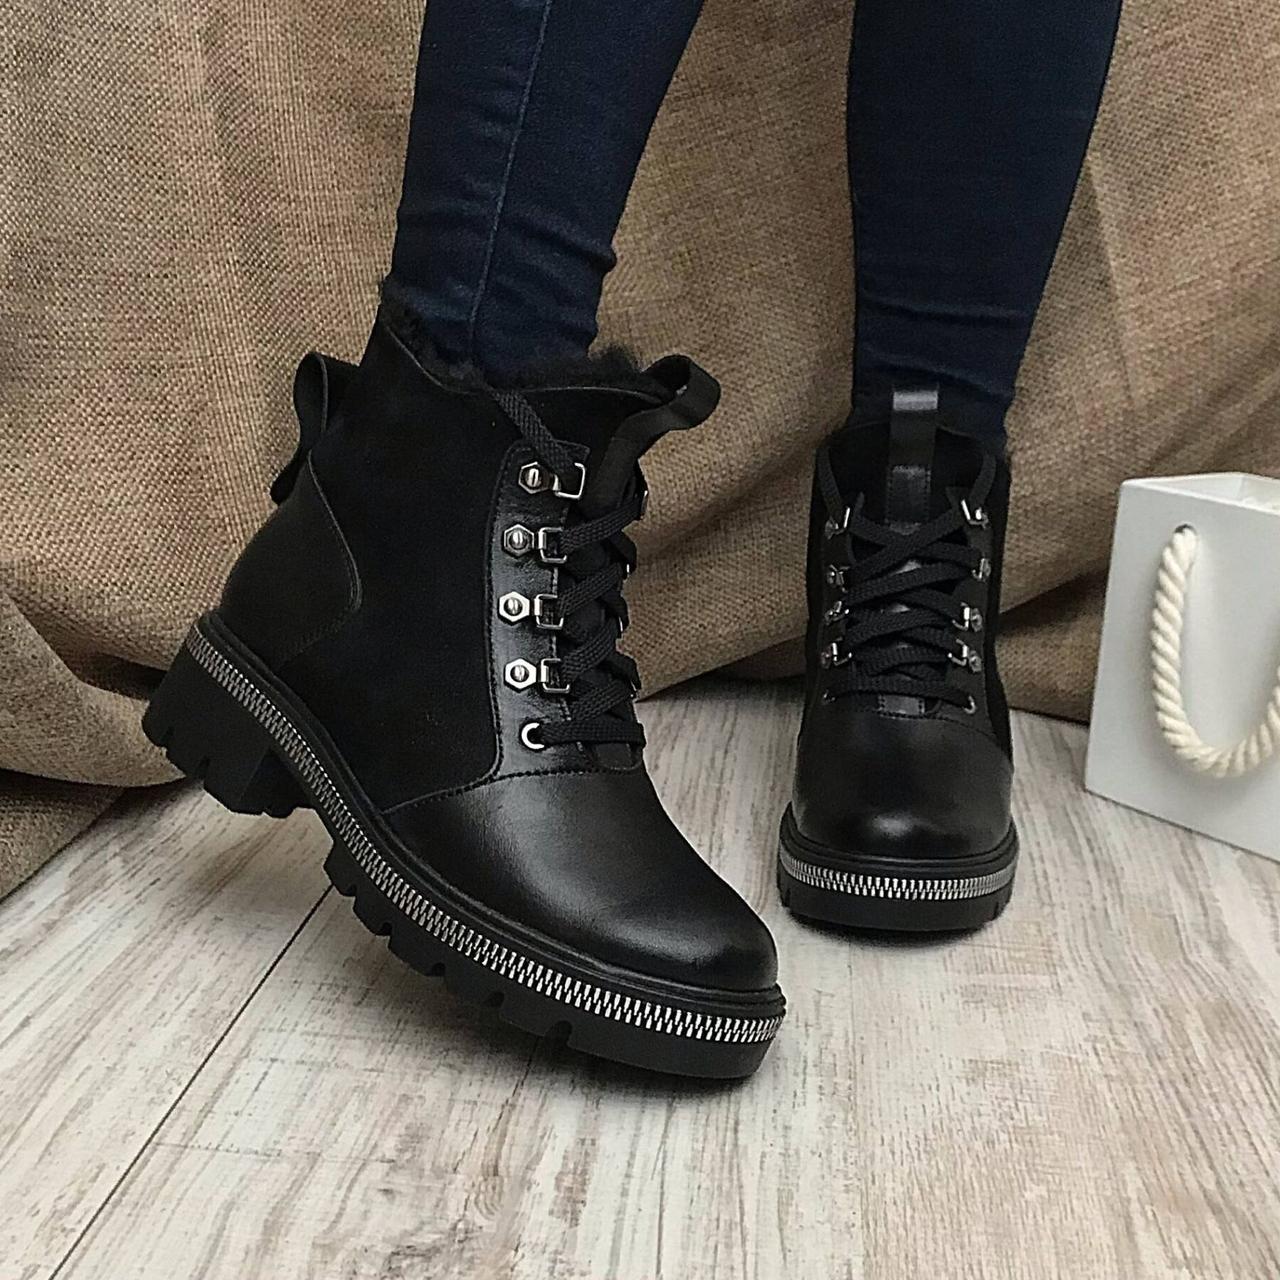 Ботинки кожаные AVK 07136/зм, Черный, 36